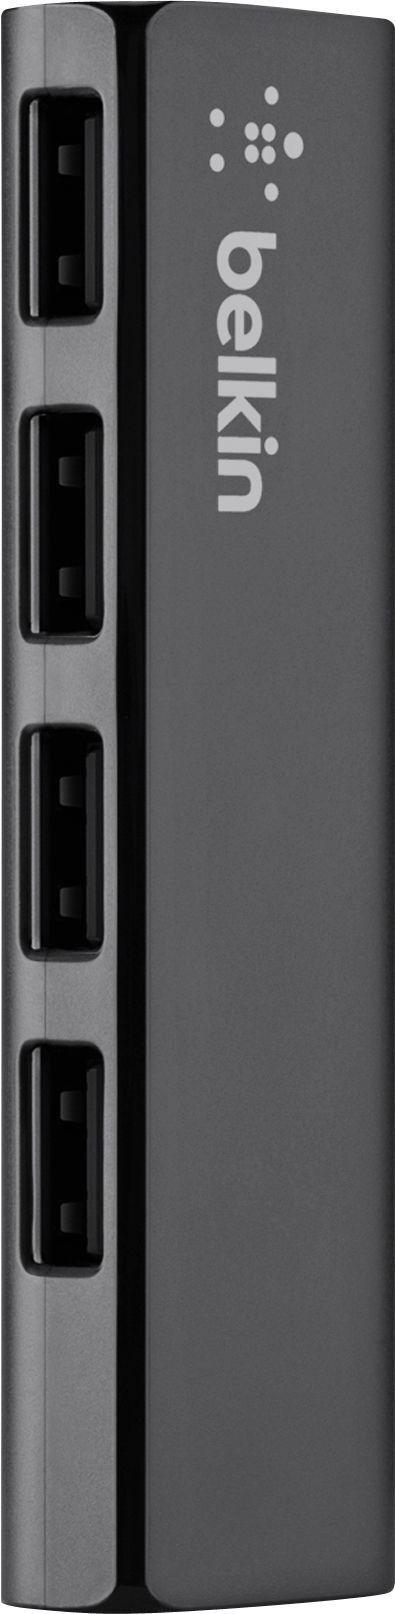 Belkin 4 Port Ultra Slim Mains Powered USB Hub